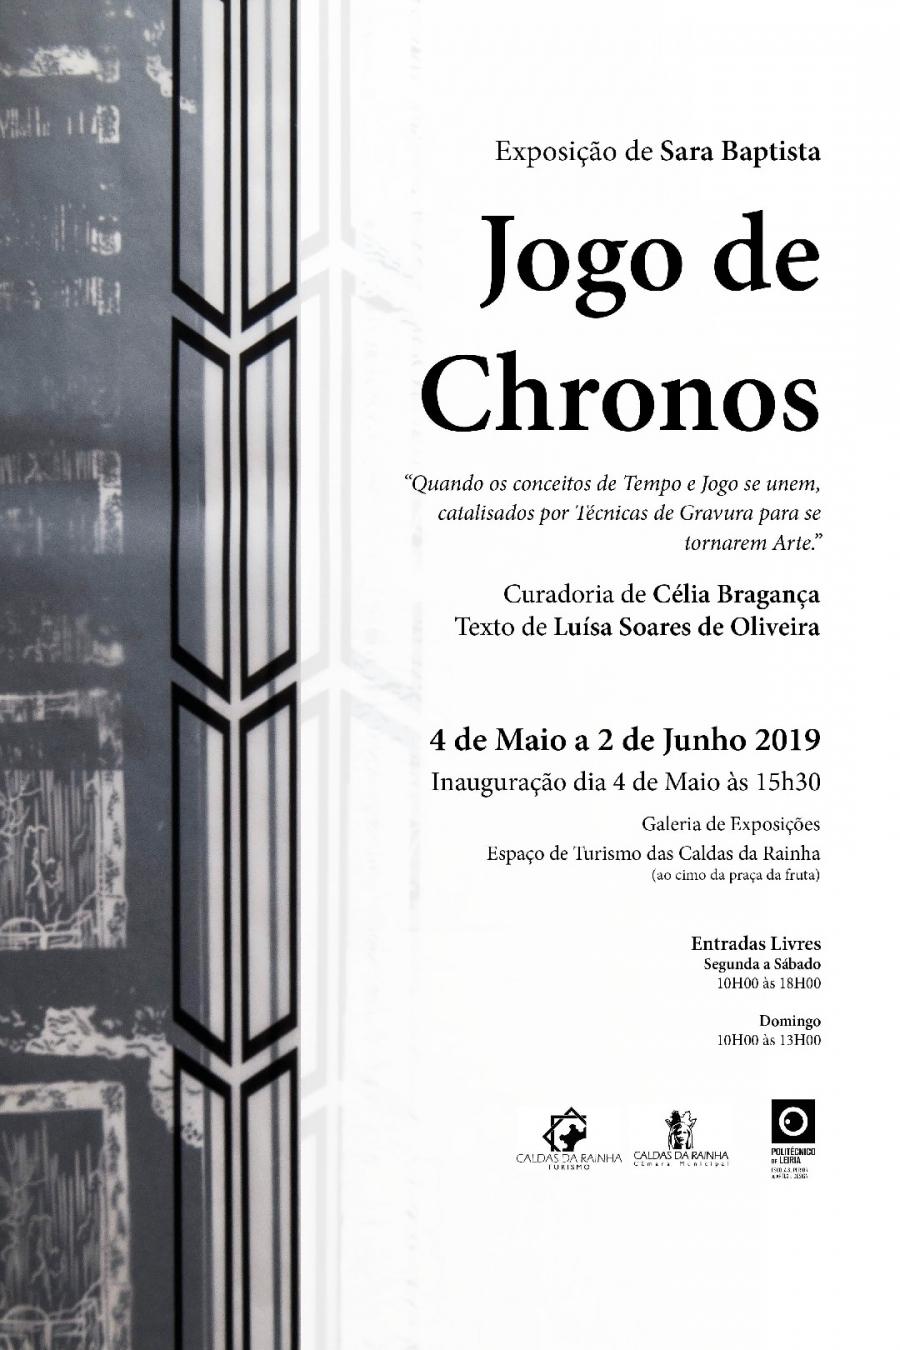 Exposição 'Jogo de Chronos', de Sara Baptista